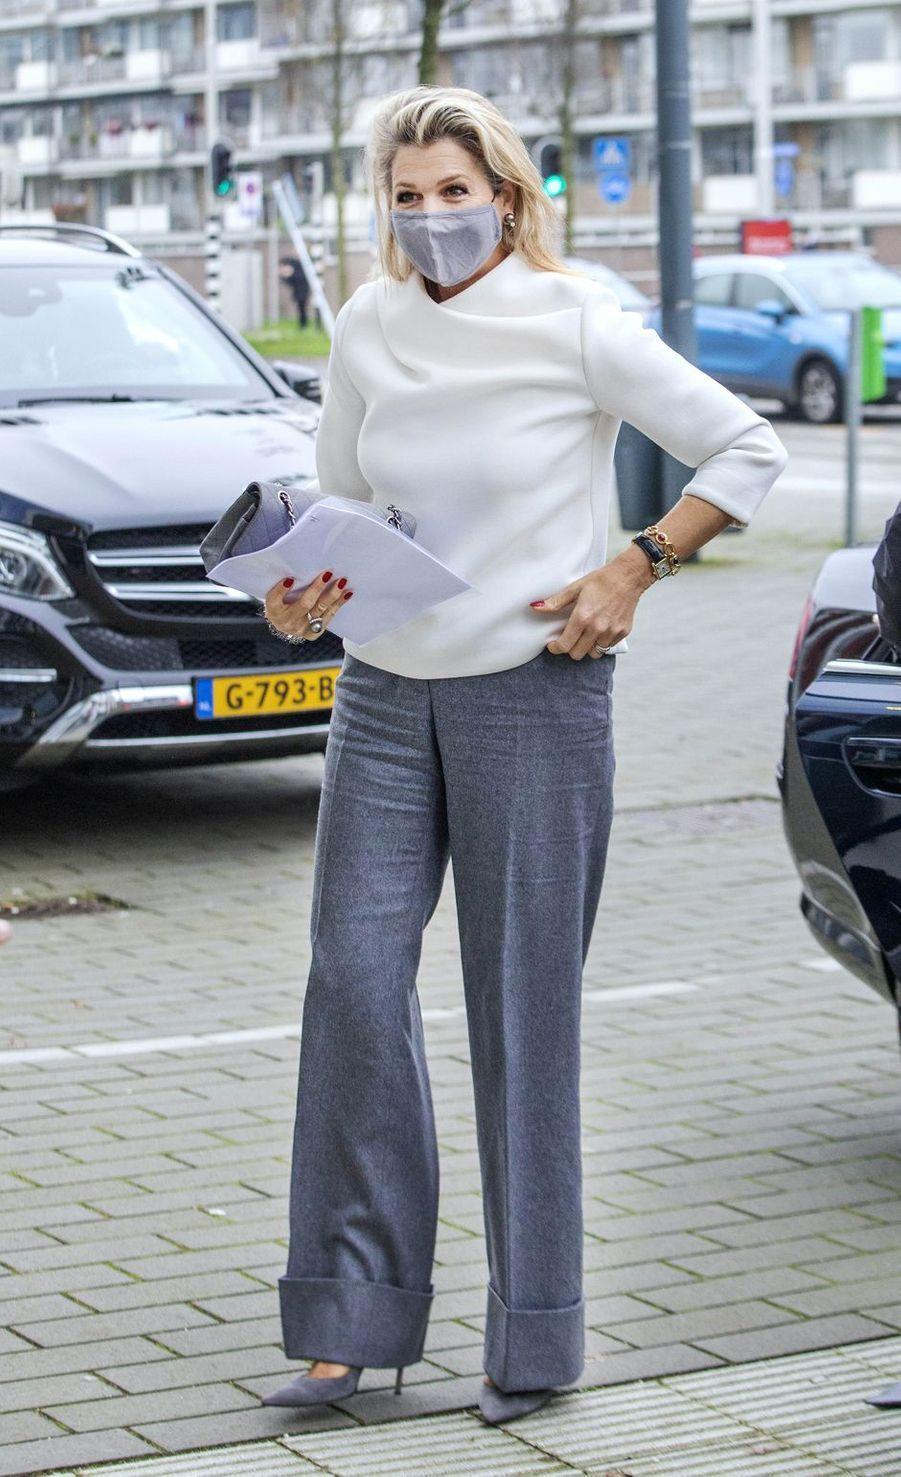 La reine Maxima des Pays-Bas à son arrivée à Gouda, le 2 décembre 2020